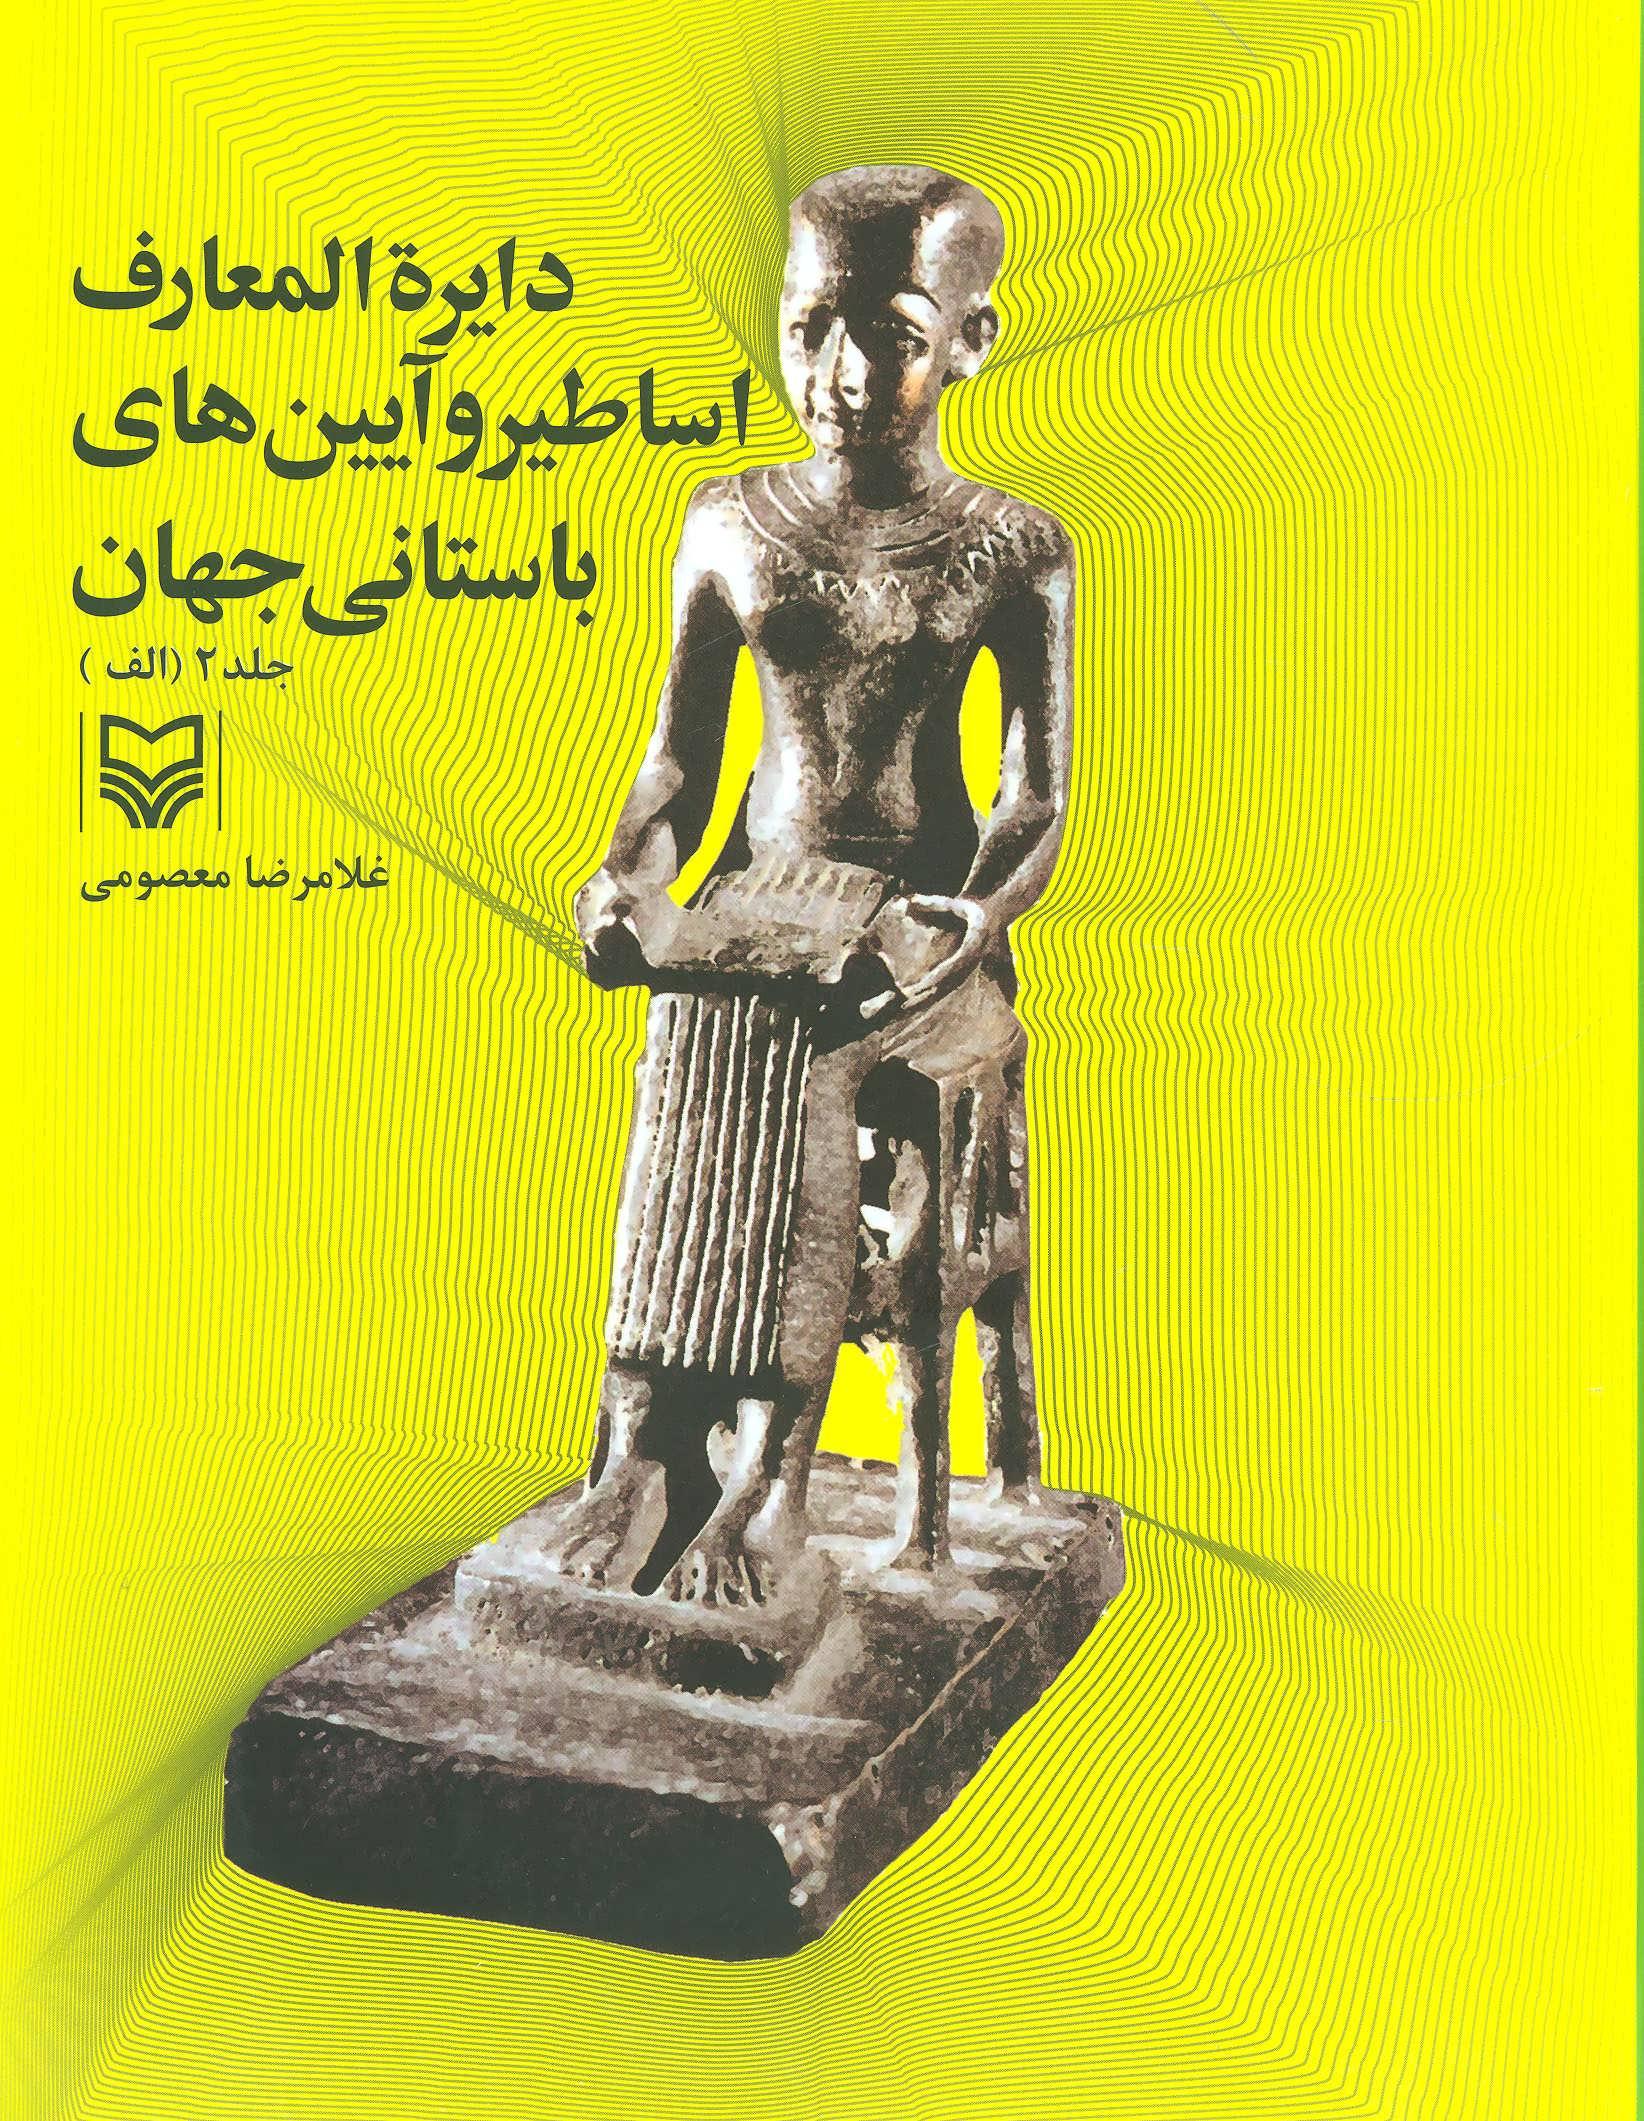 دایره المعارف اساطیر و آیین های باستانی جهان 2 (الف)